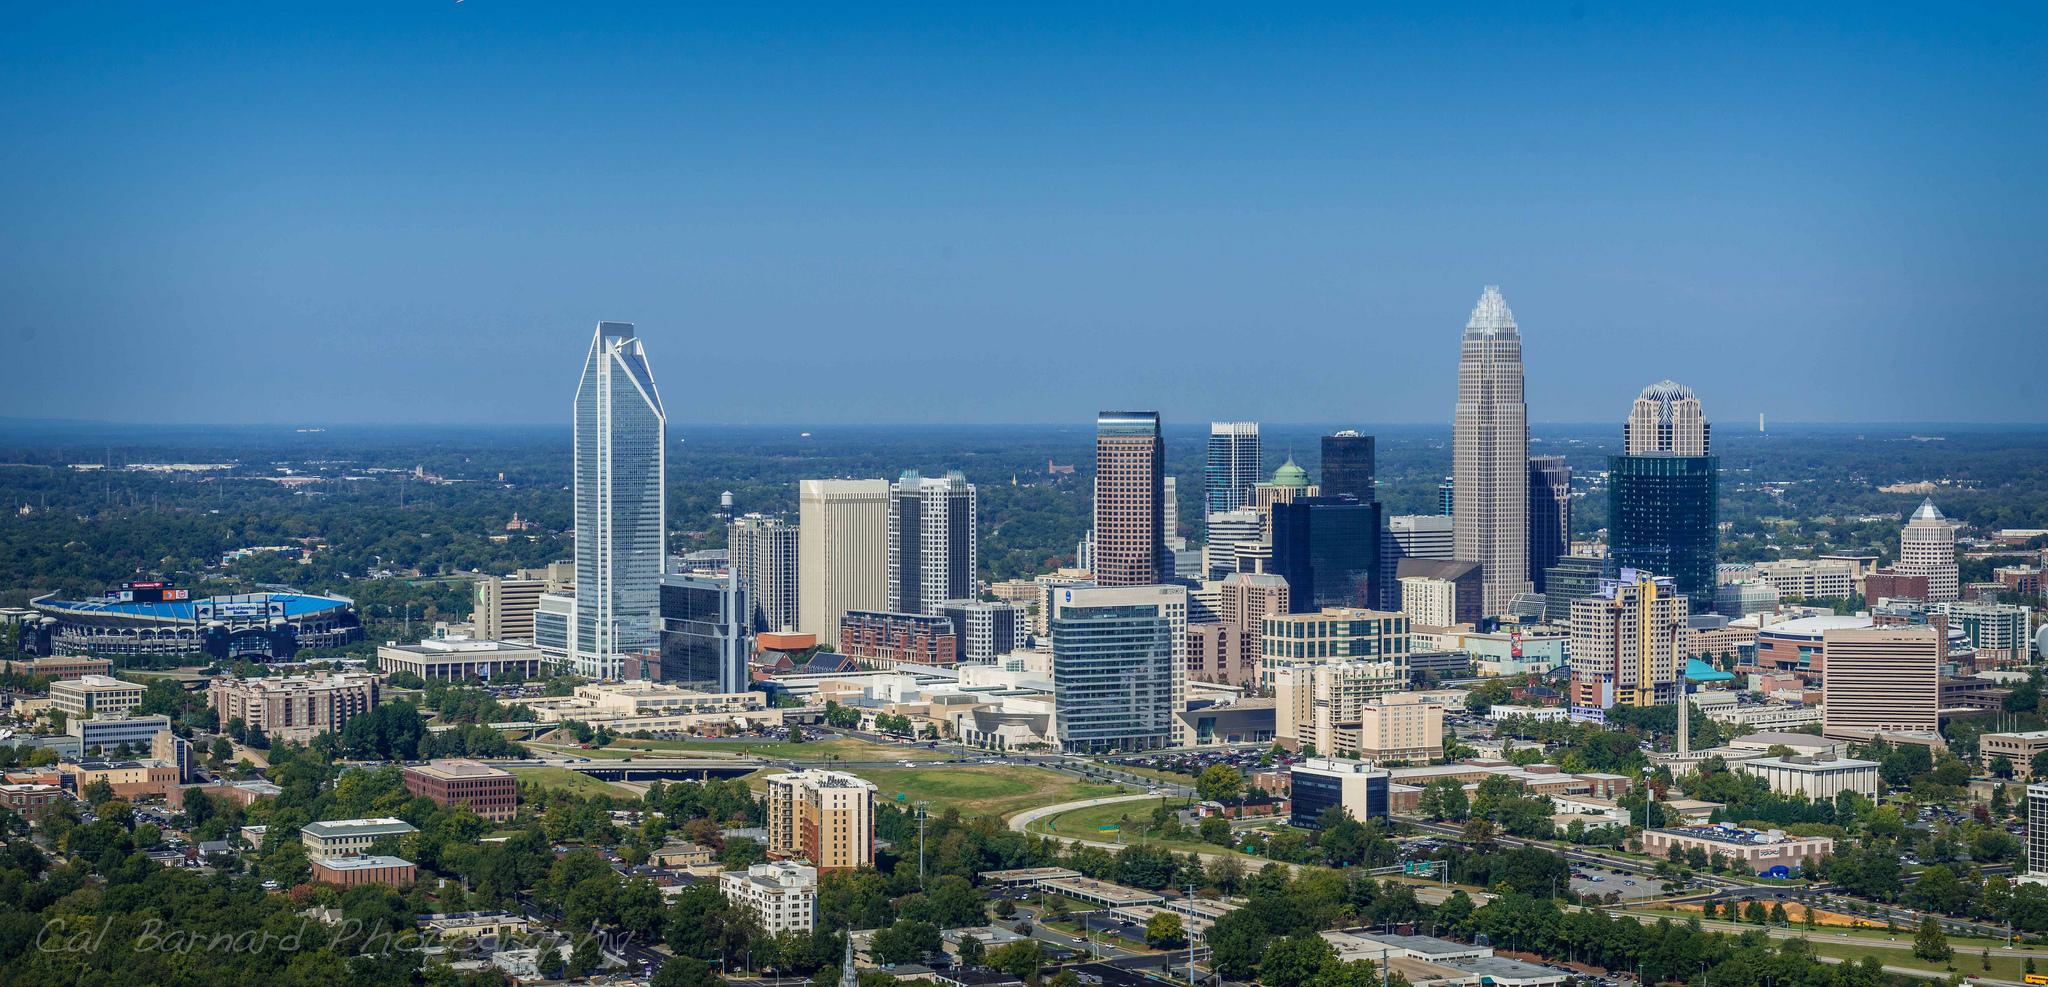 Beautiful Charlotte, North Carolina